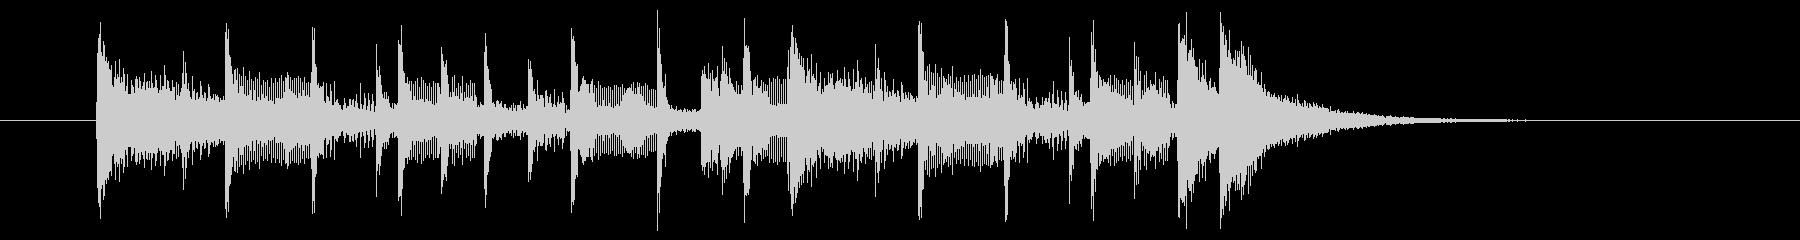 短めの明るい前向きなシンセサイザーの曲の未再生の波形